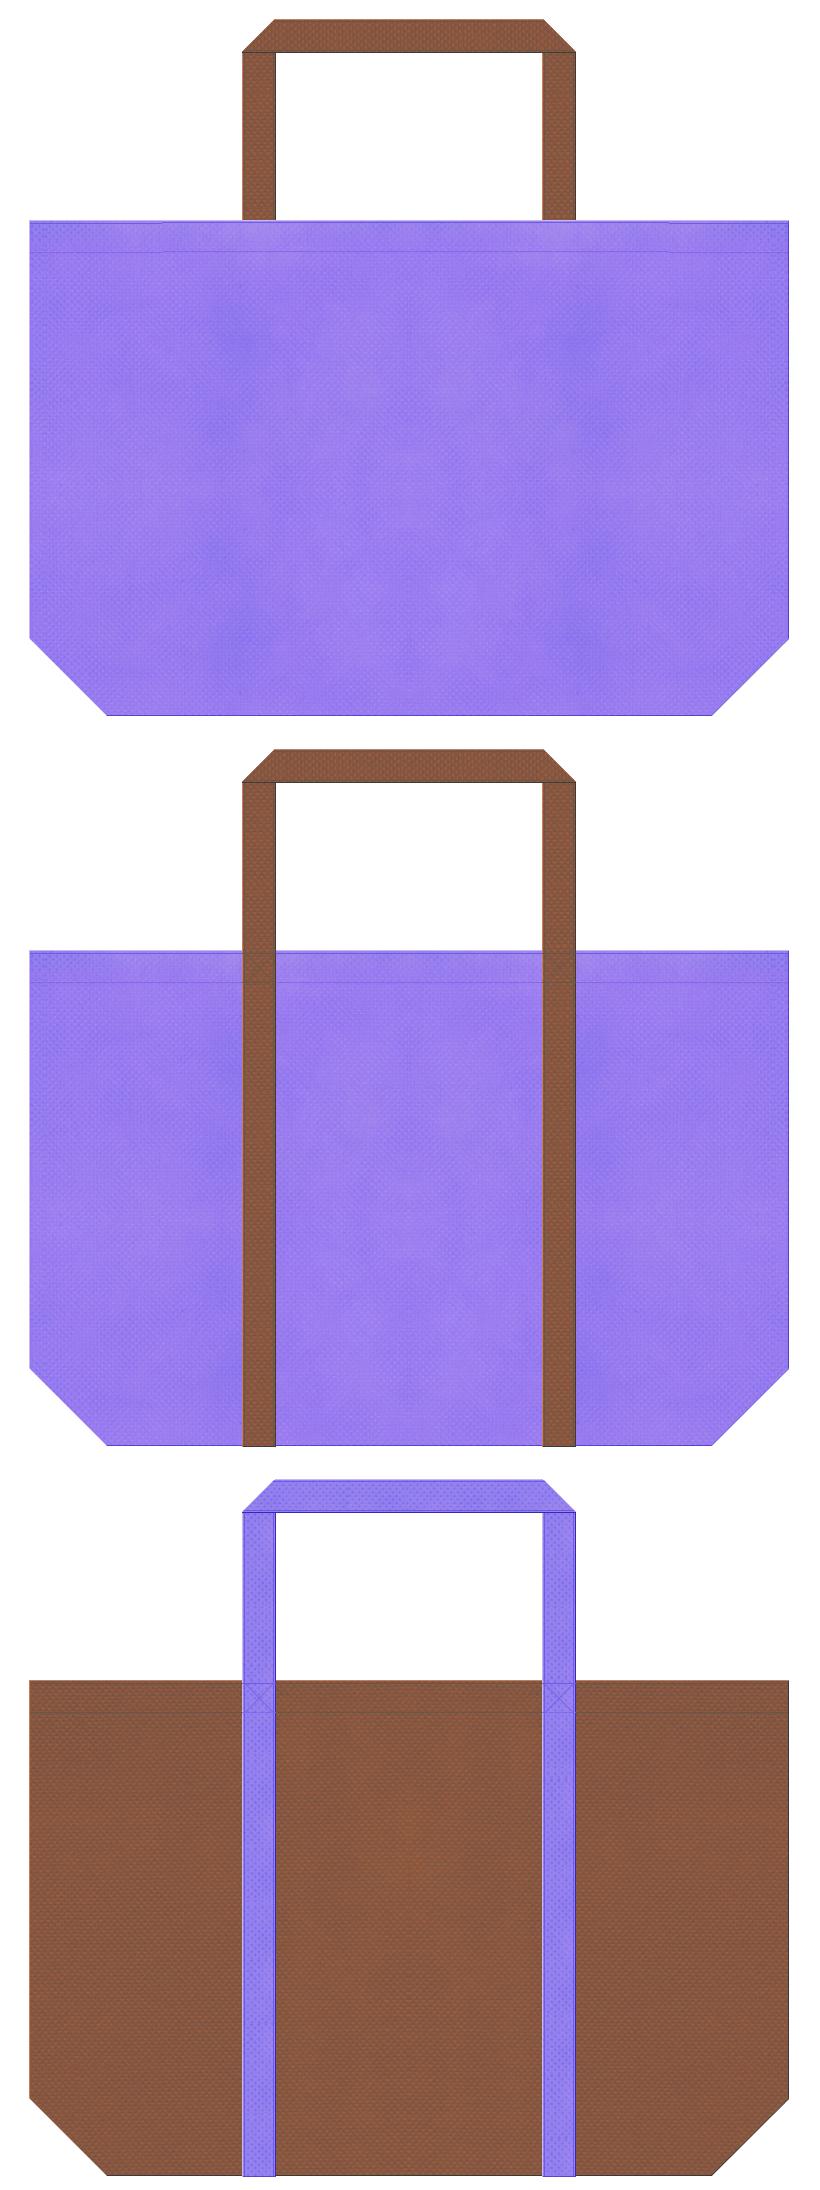 不織布ショッピングバッグ:薄紫色と茶色のデザイン